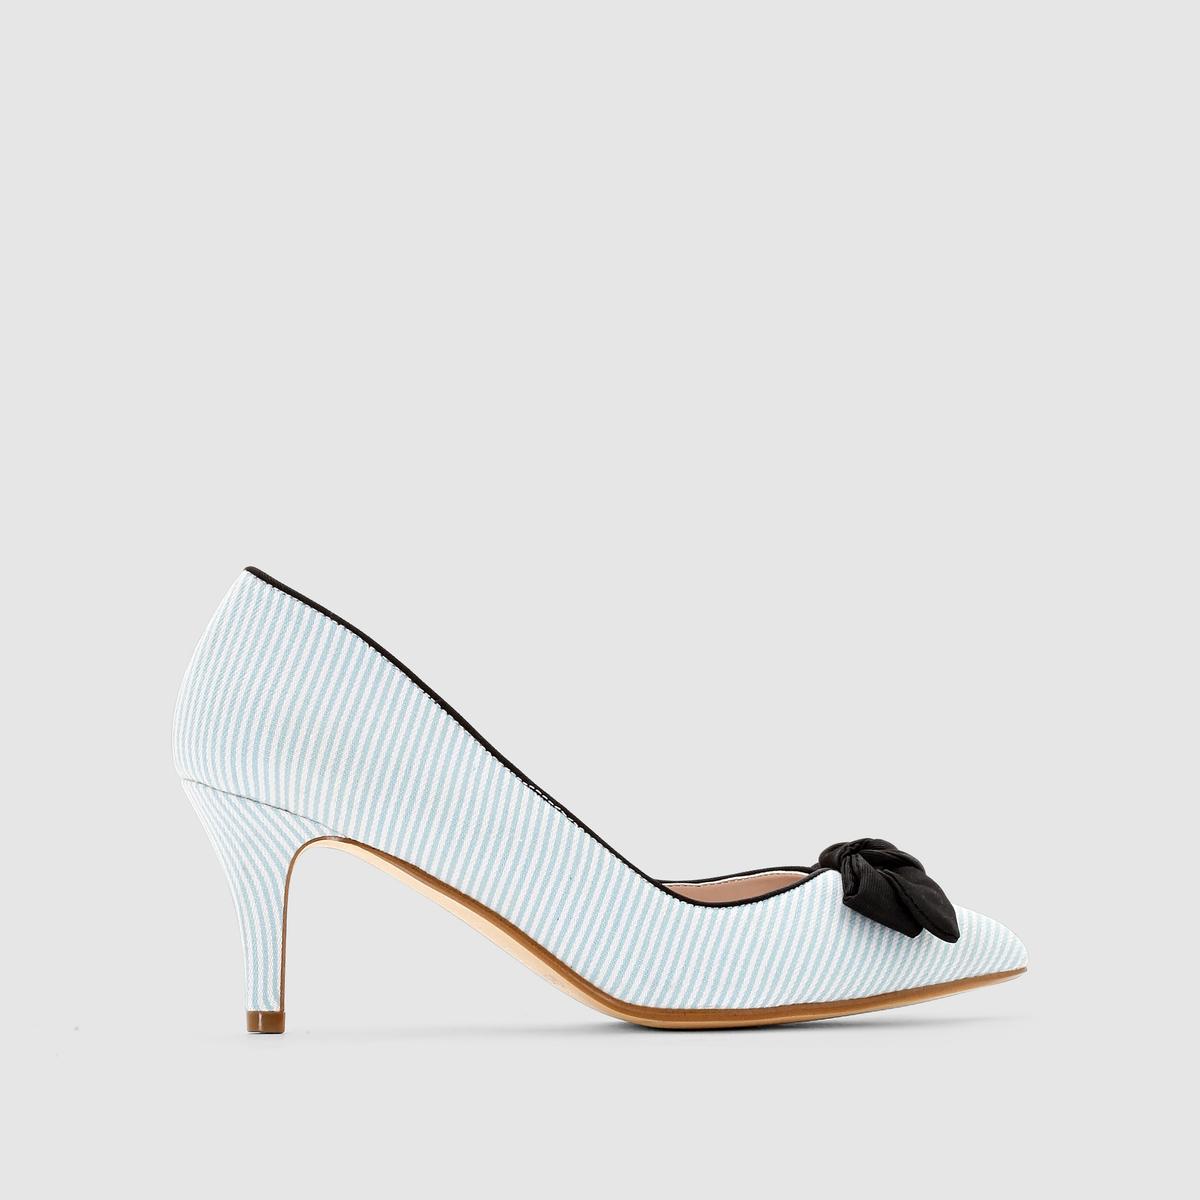 ТуфлиТуфли от Mademoiselle R. Стелька из кожи. Верх и внутренняя часть обуви из текстиля. Украшены бантом.Высота каблука : 7,5 см Мы советуем выбирать обувь на размер больше, чем ваш обычный размер.<br><br>Цвет: синий/ в полоску<br>Размер: 35.36